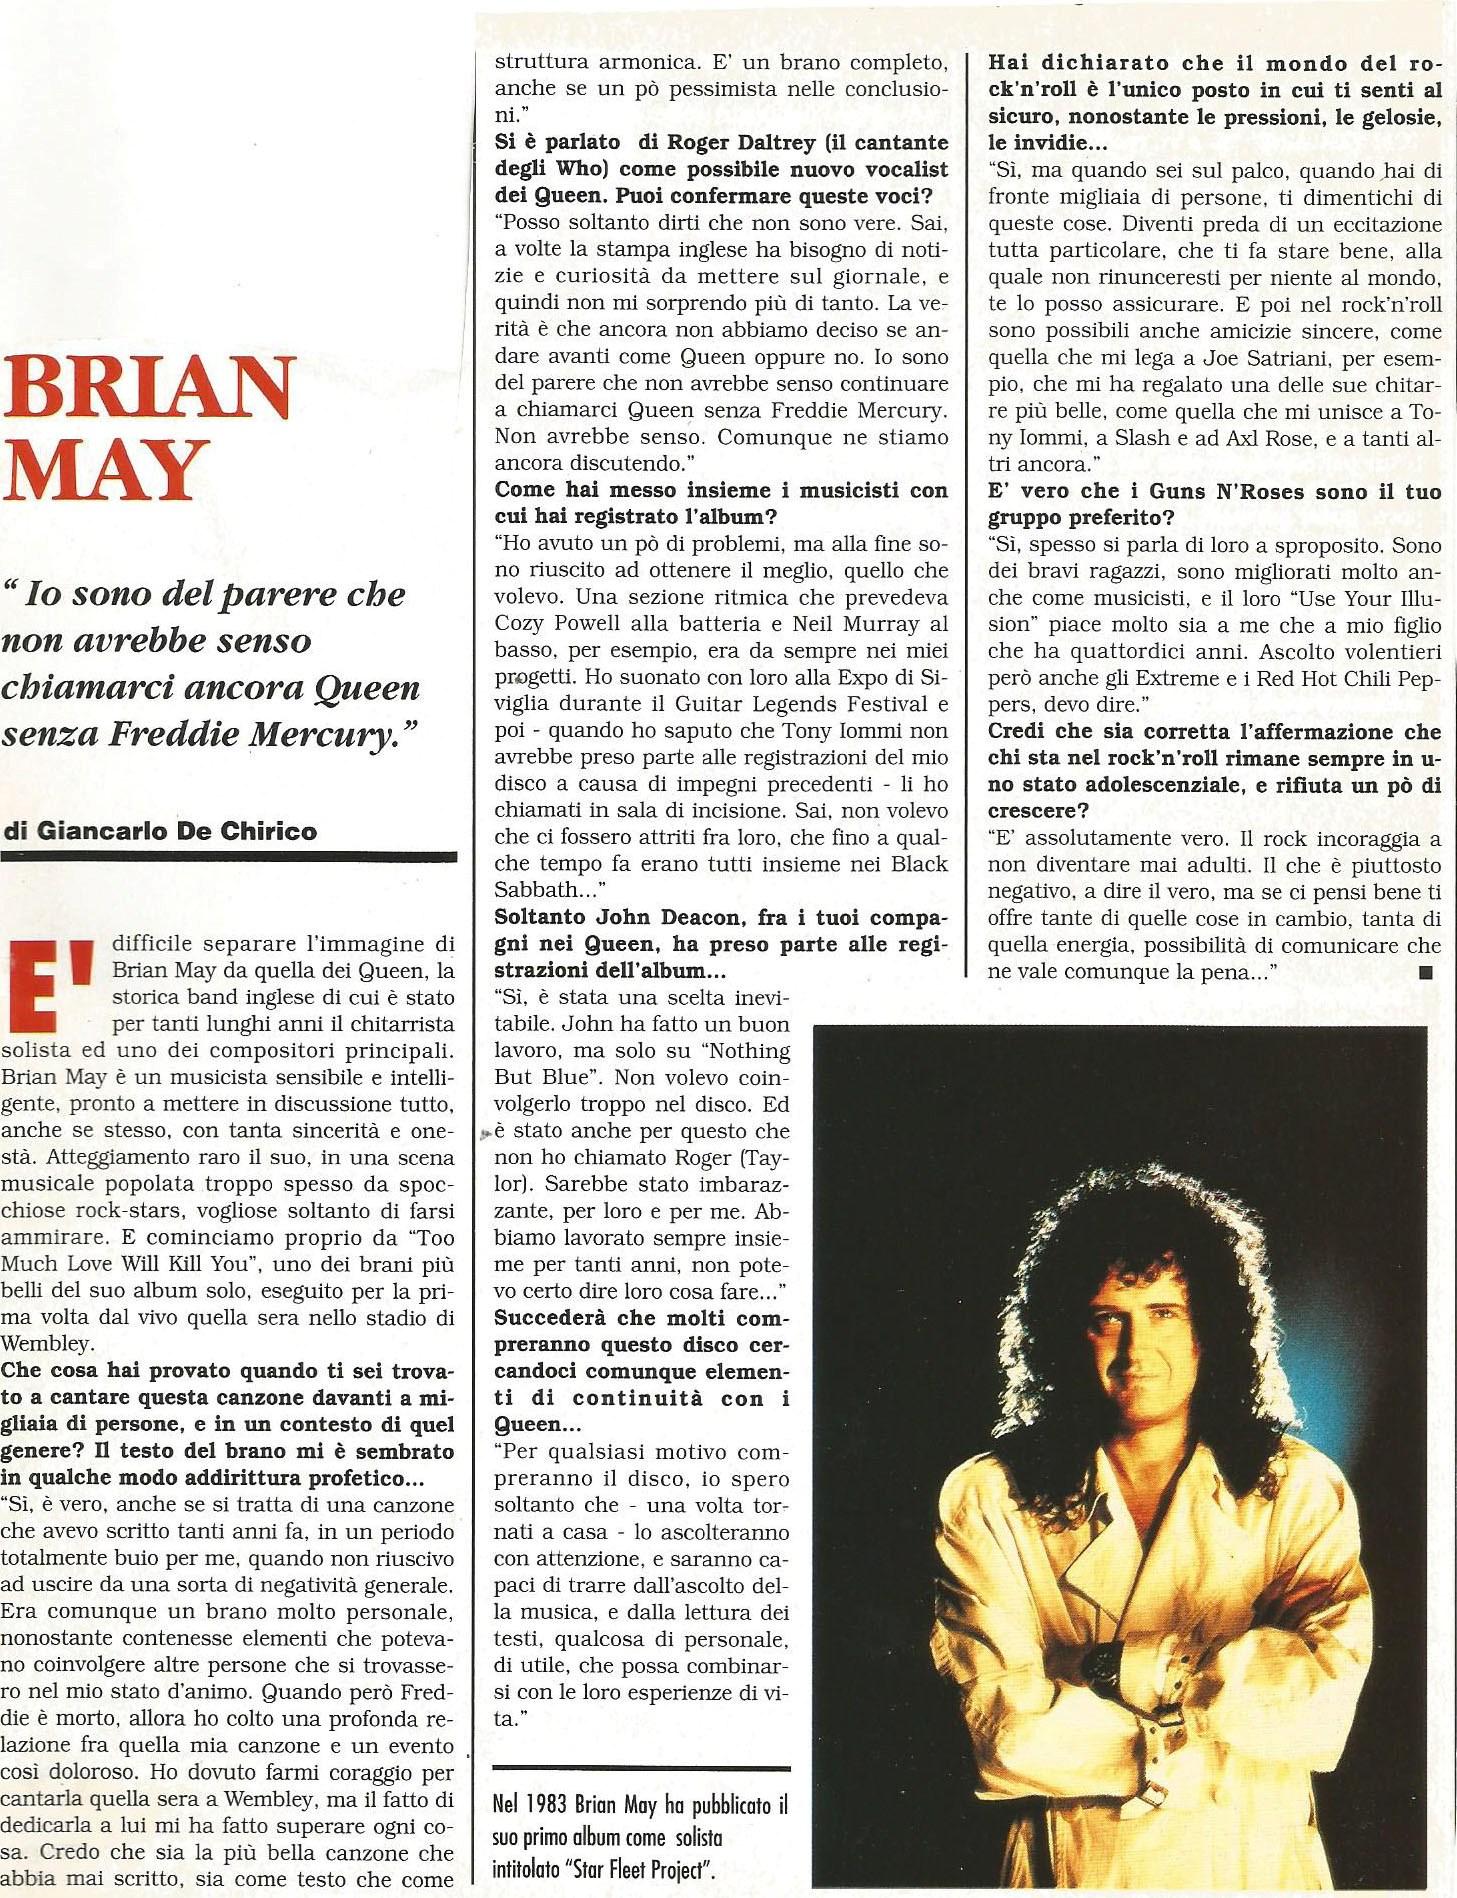 (L)Brian-interv92